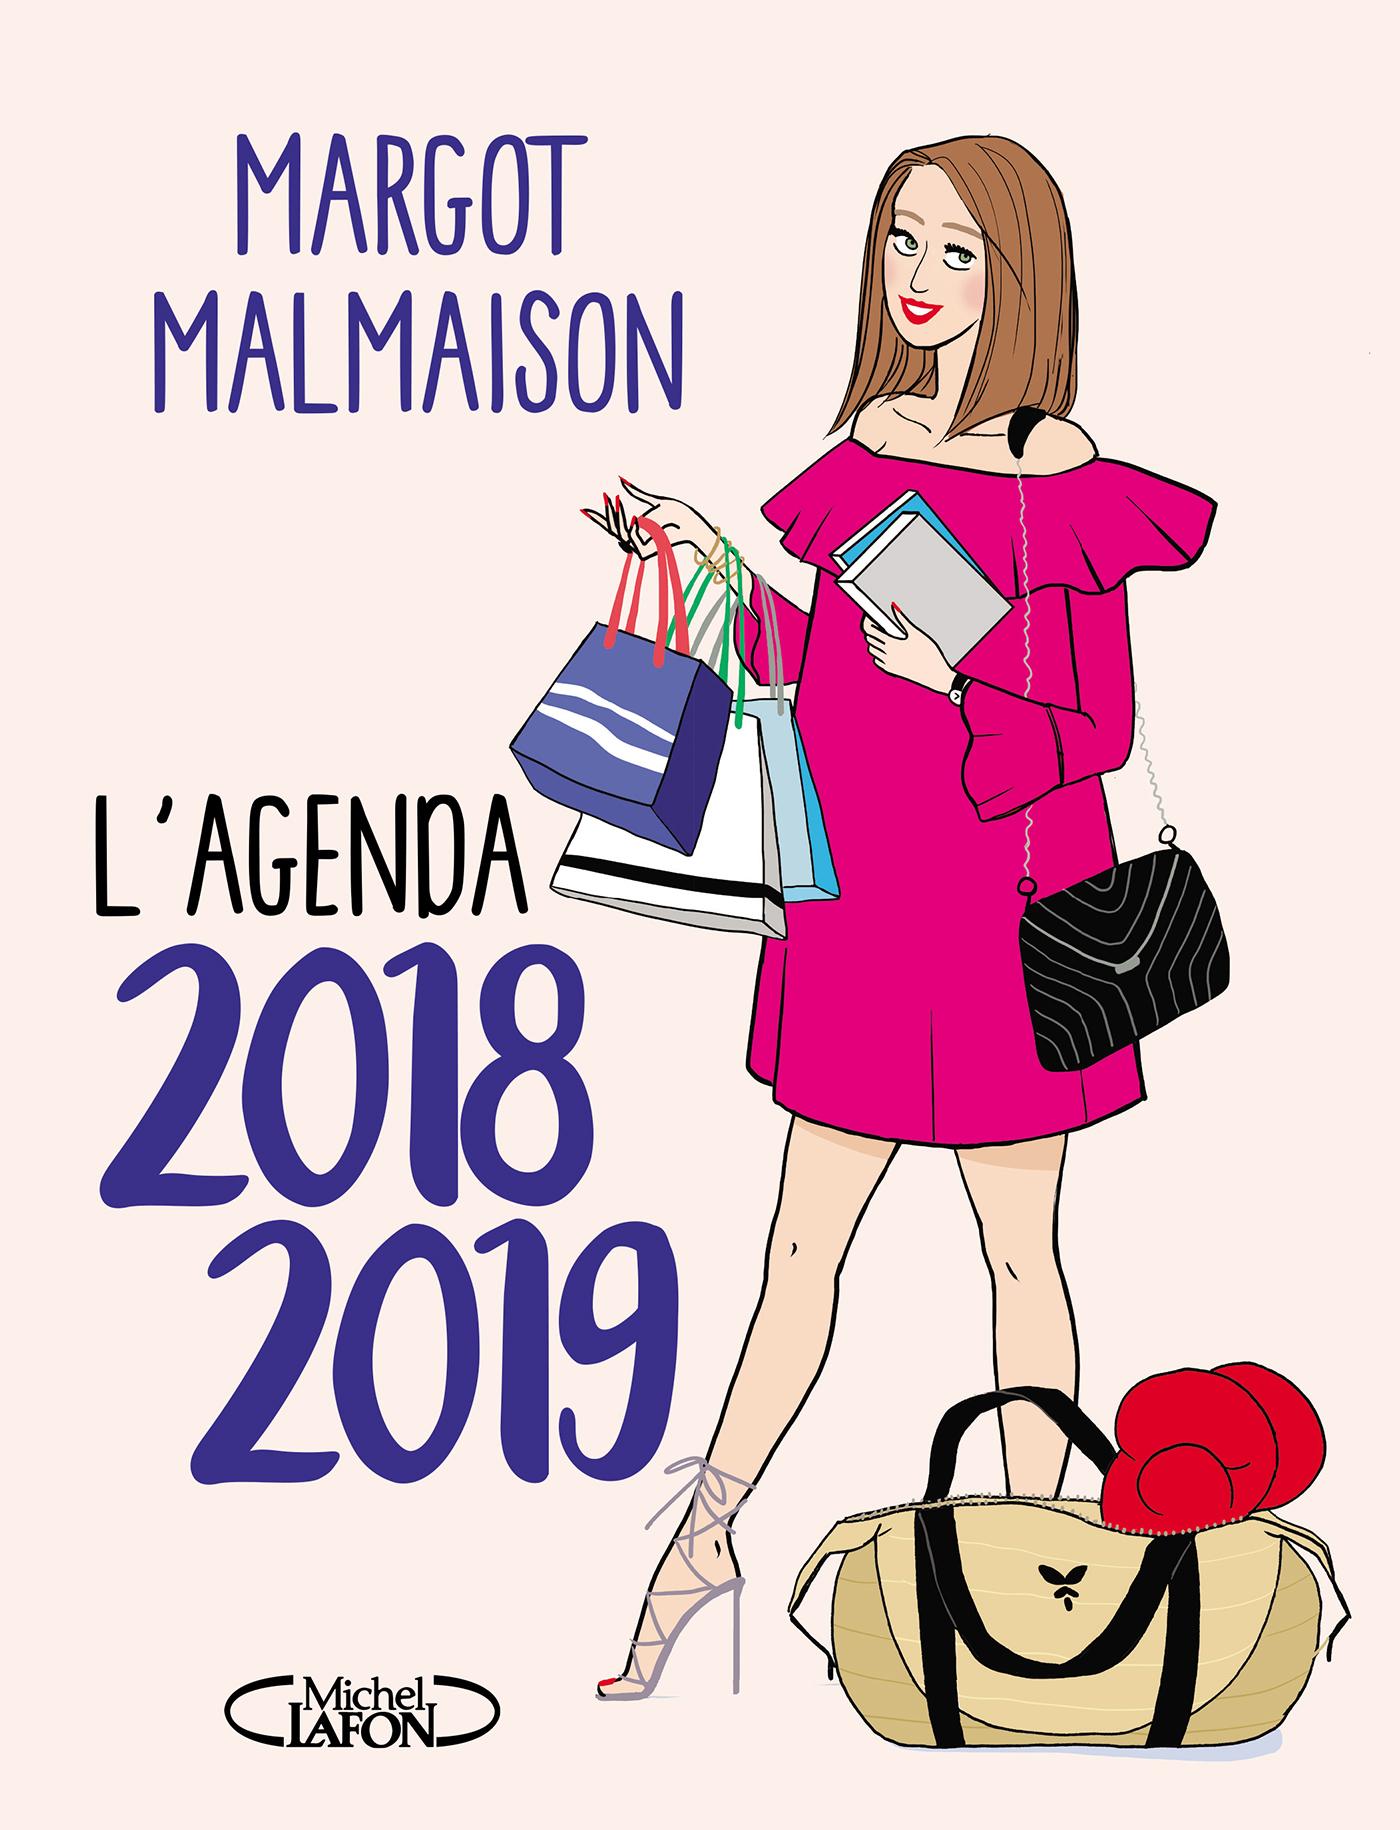 L' agenda 2018/2019 – MARGOT MALMAISON